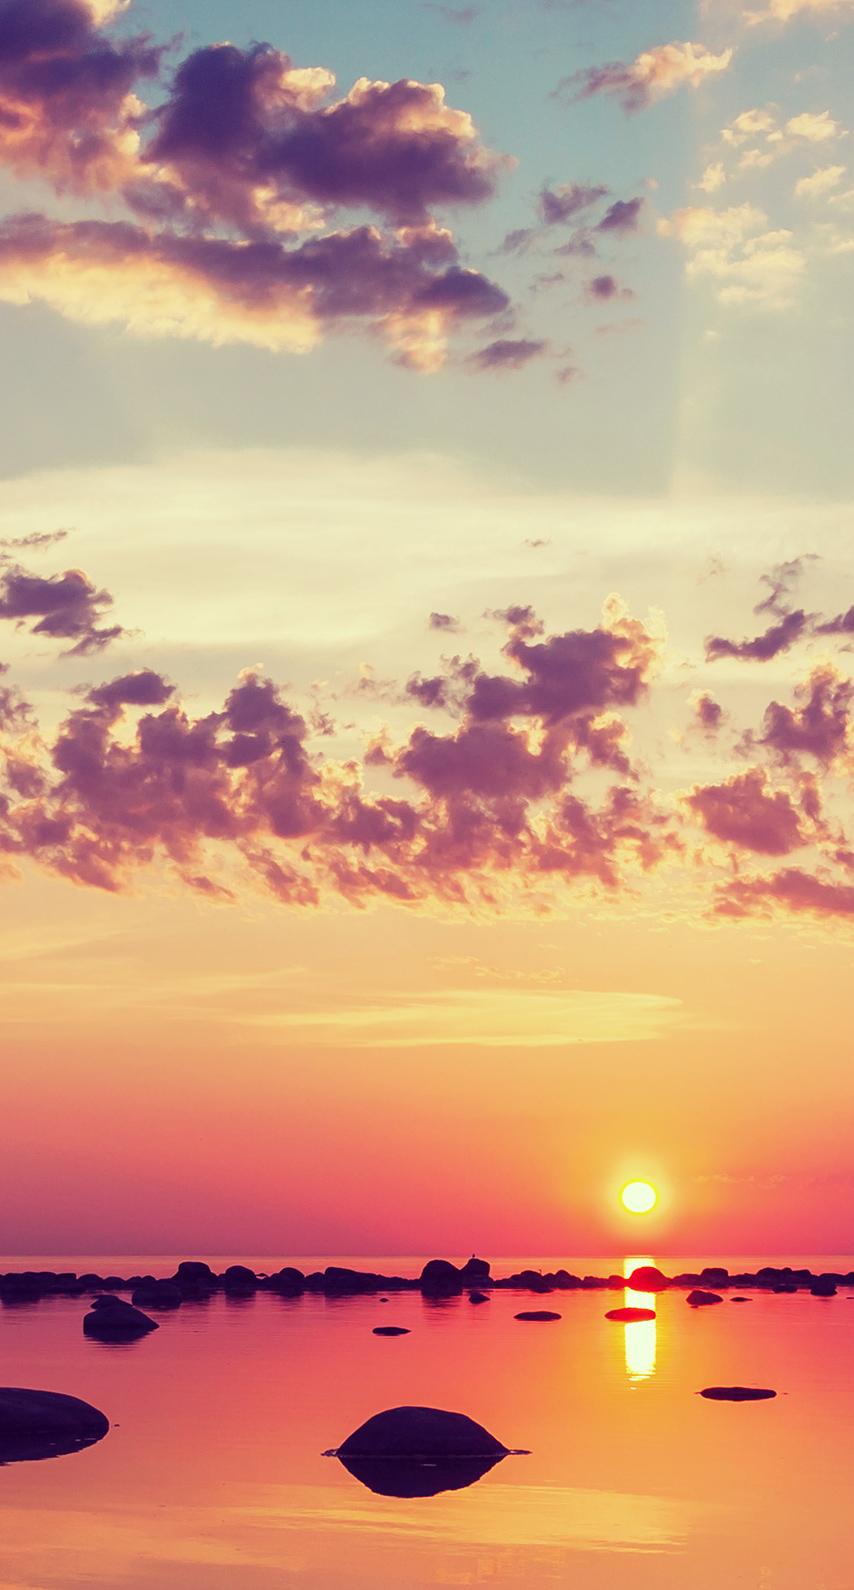 evening, sun, no person, heaven, dawn, fair weather, dusk, cloud, color, weather